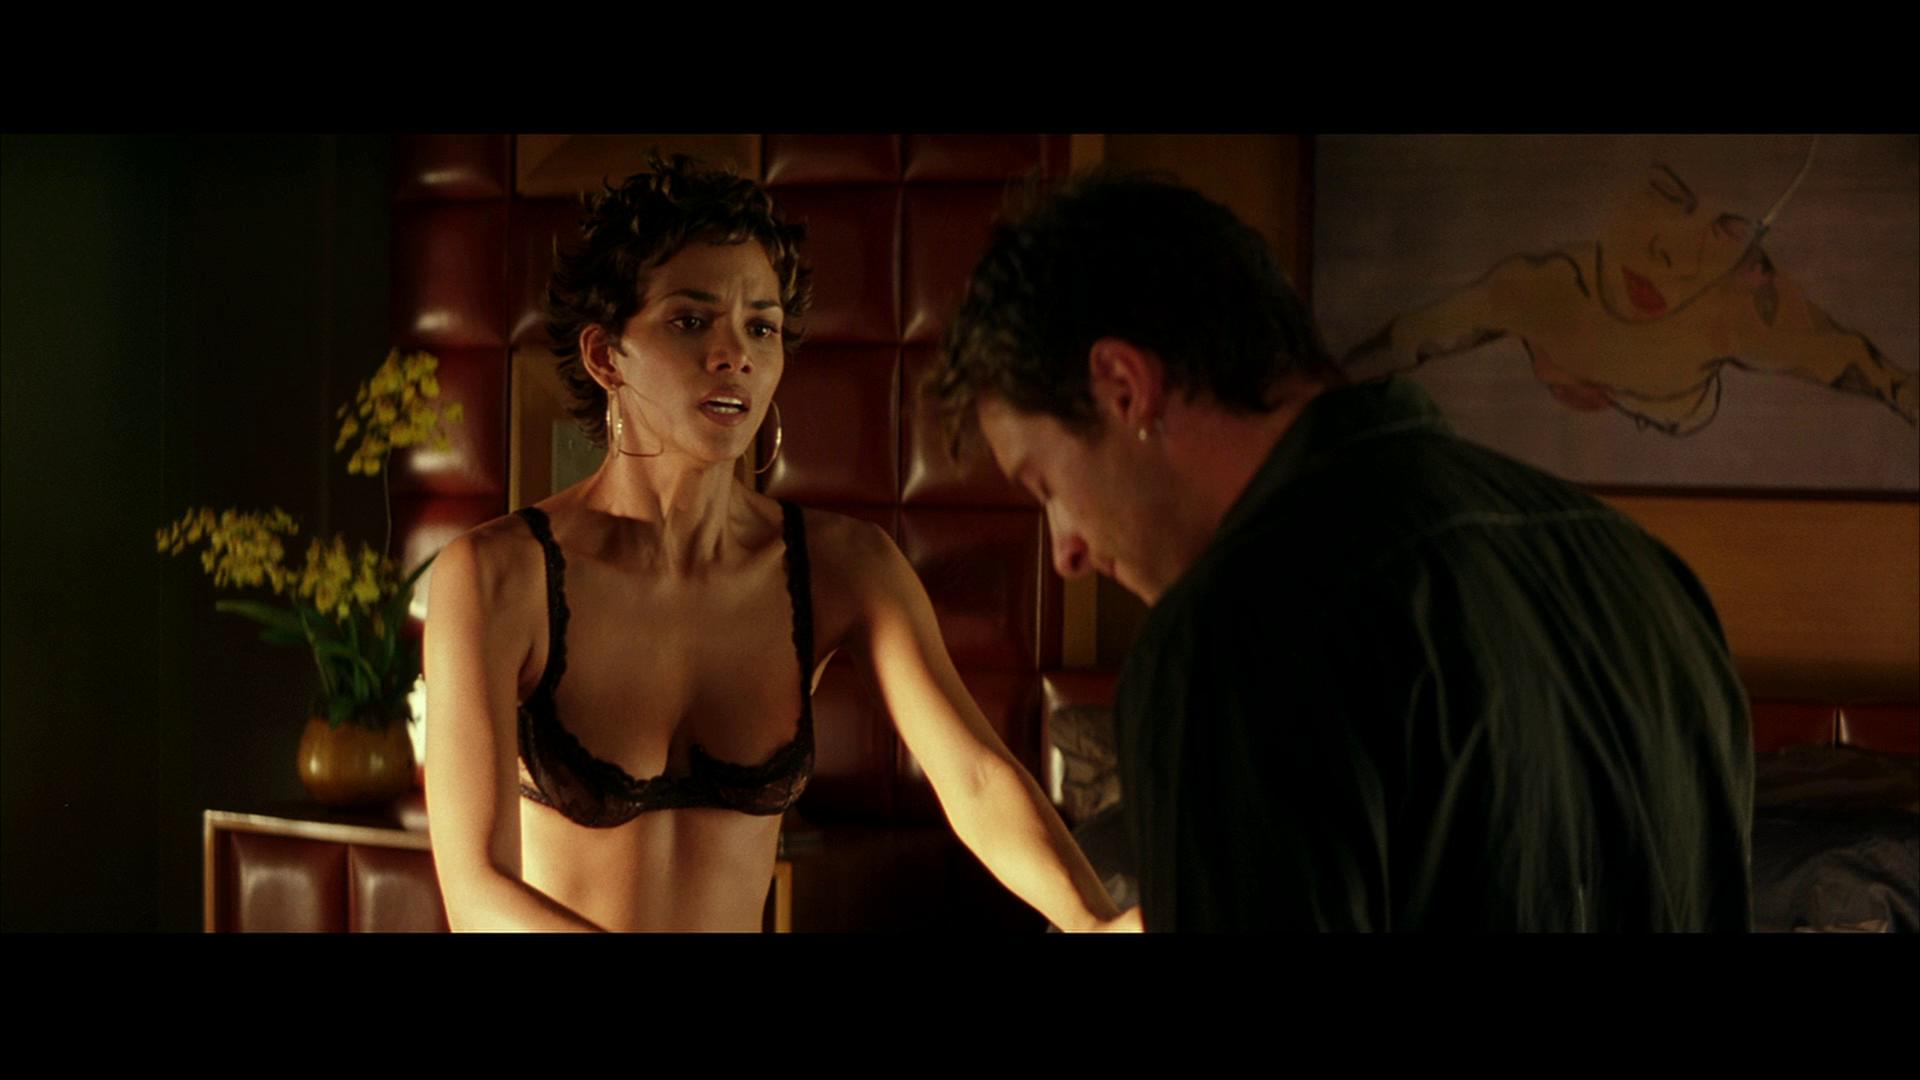 Жесткое порно с порно бусами, порно фильмы секс рабство онлайн